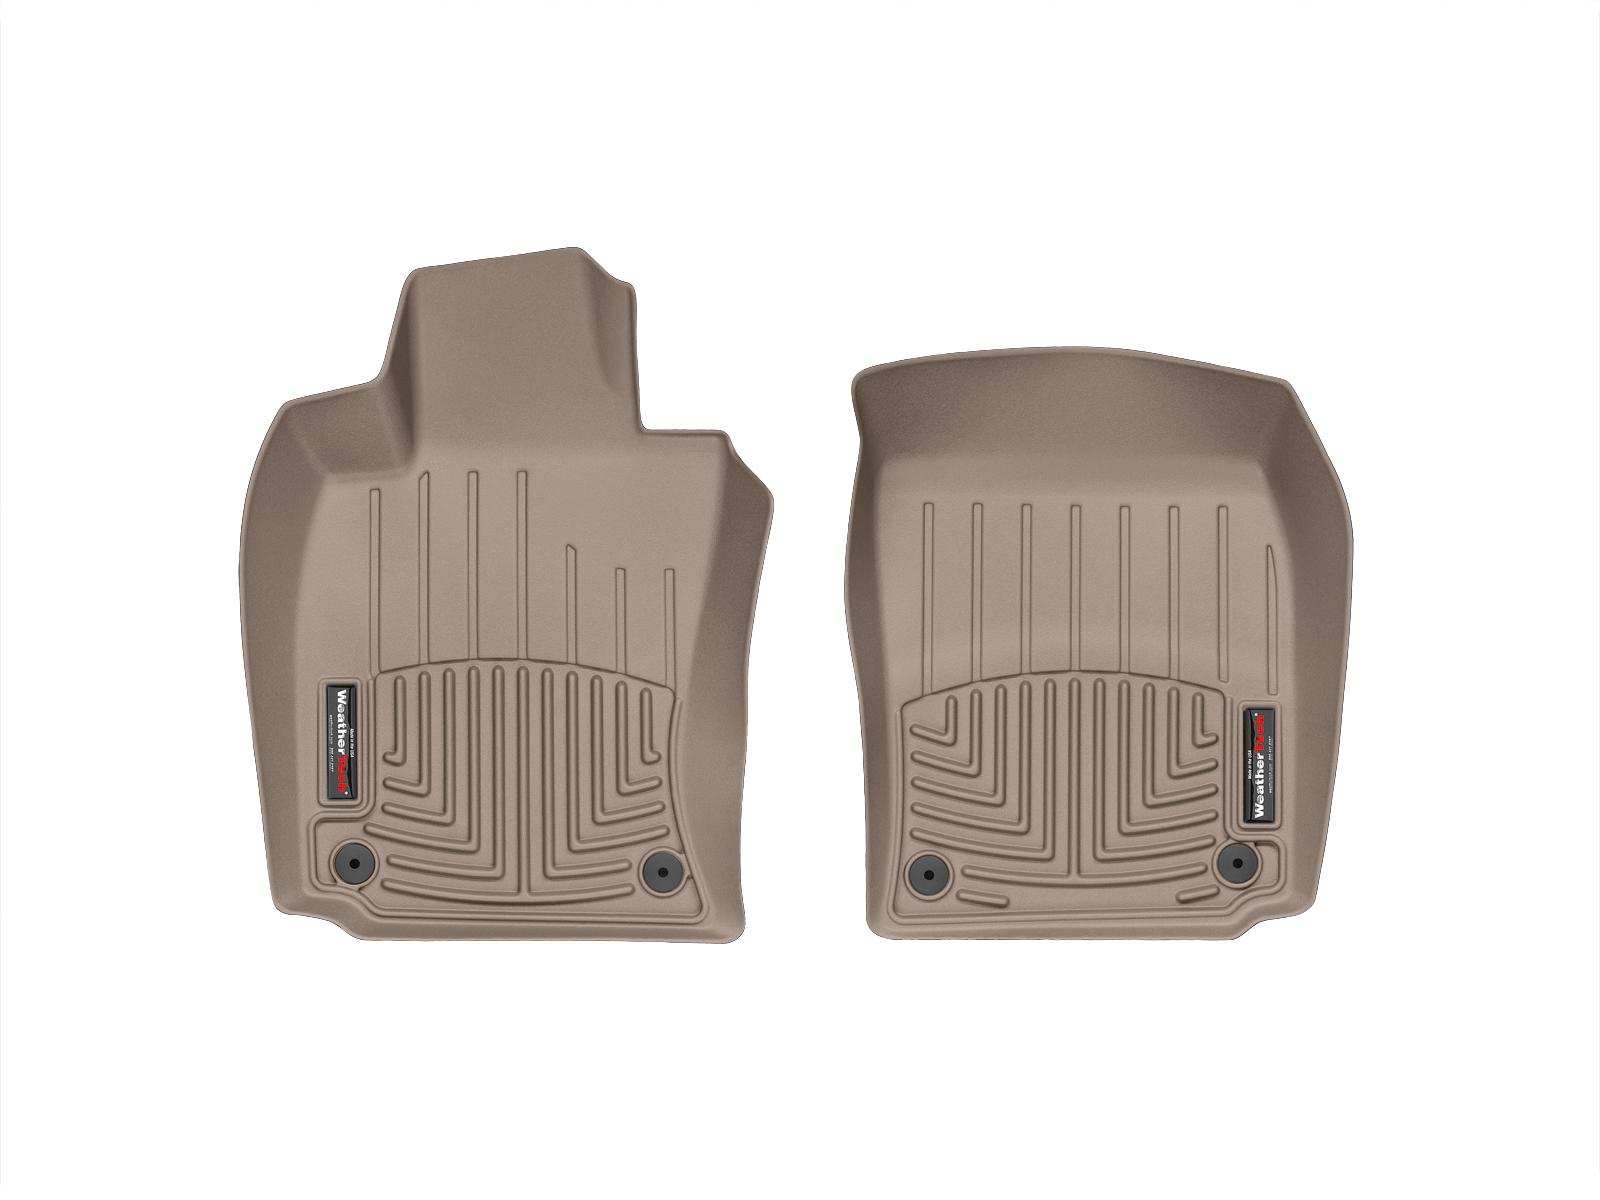 Tappeti gomma su misura bordo alto Porsche® Panamera 10>16 Marrone A3171